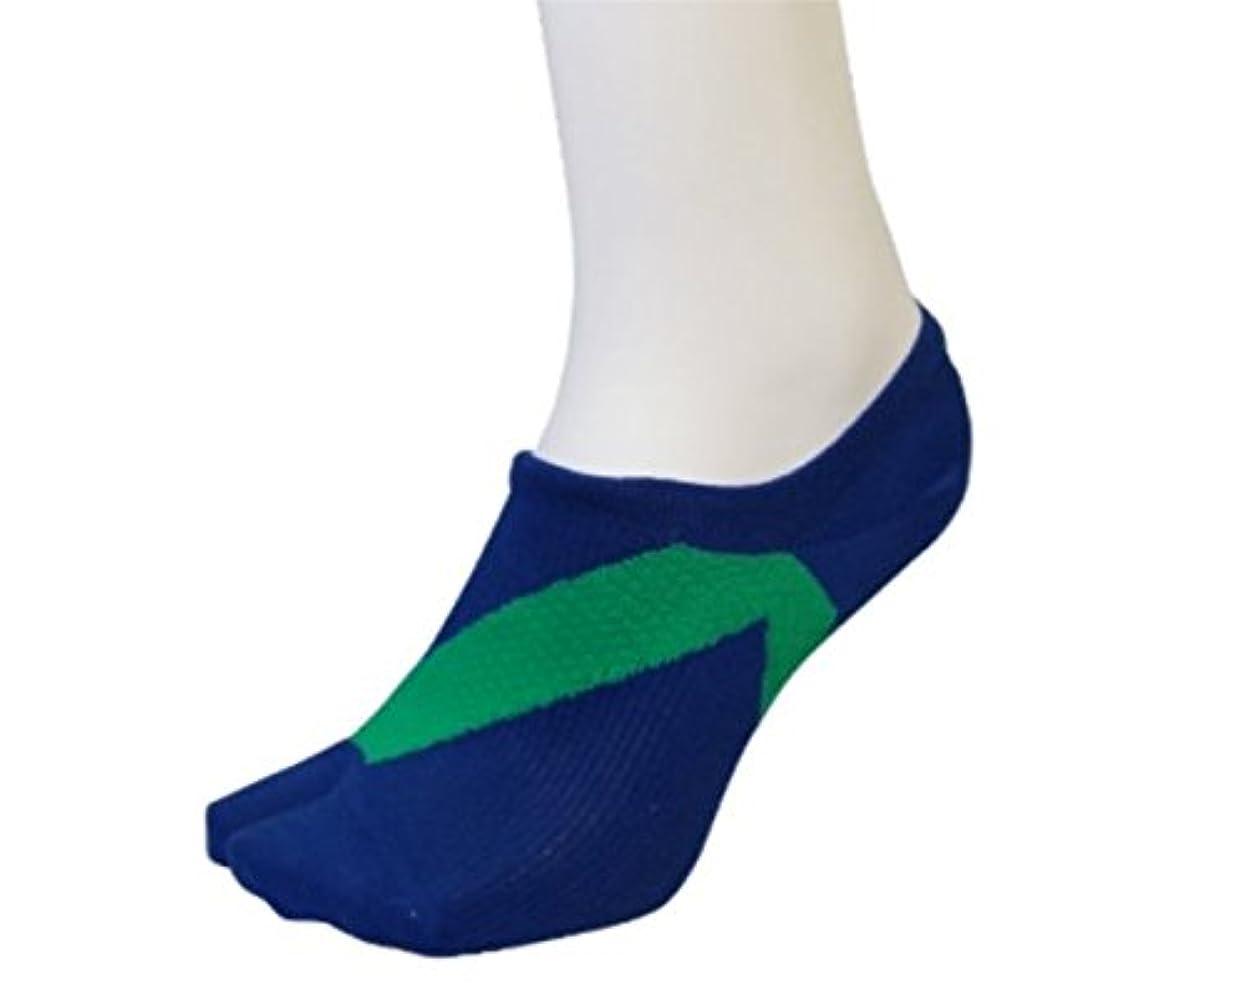 平野備品インシデントさとう式 フレクサーソックス スニーカータイプ 青緑 (M) 足袋型